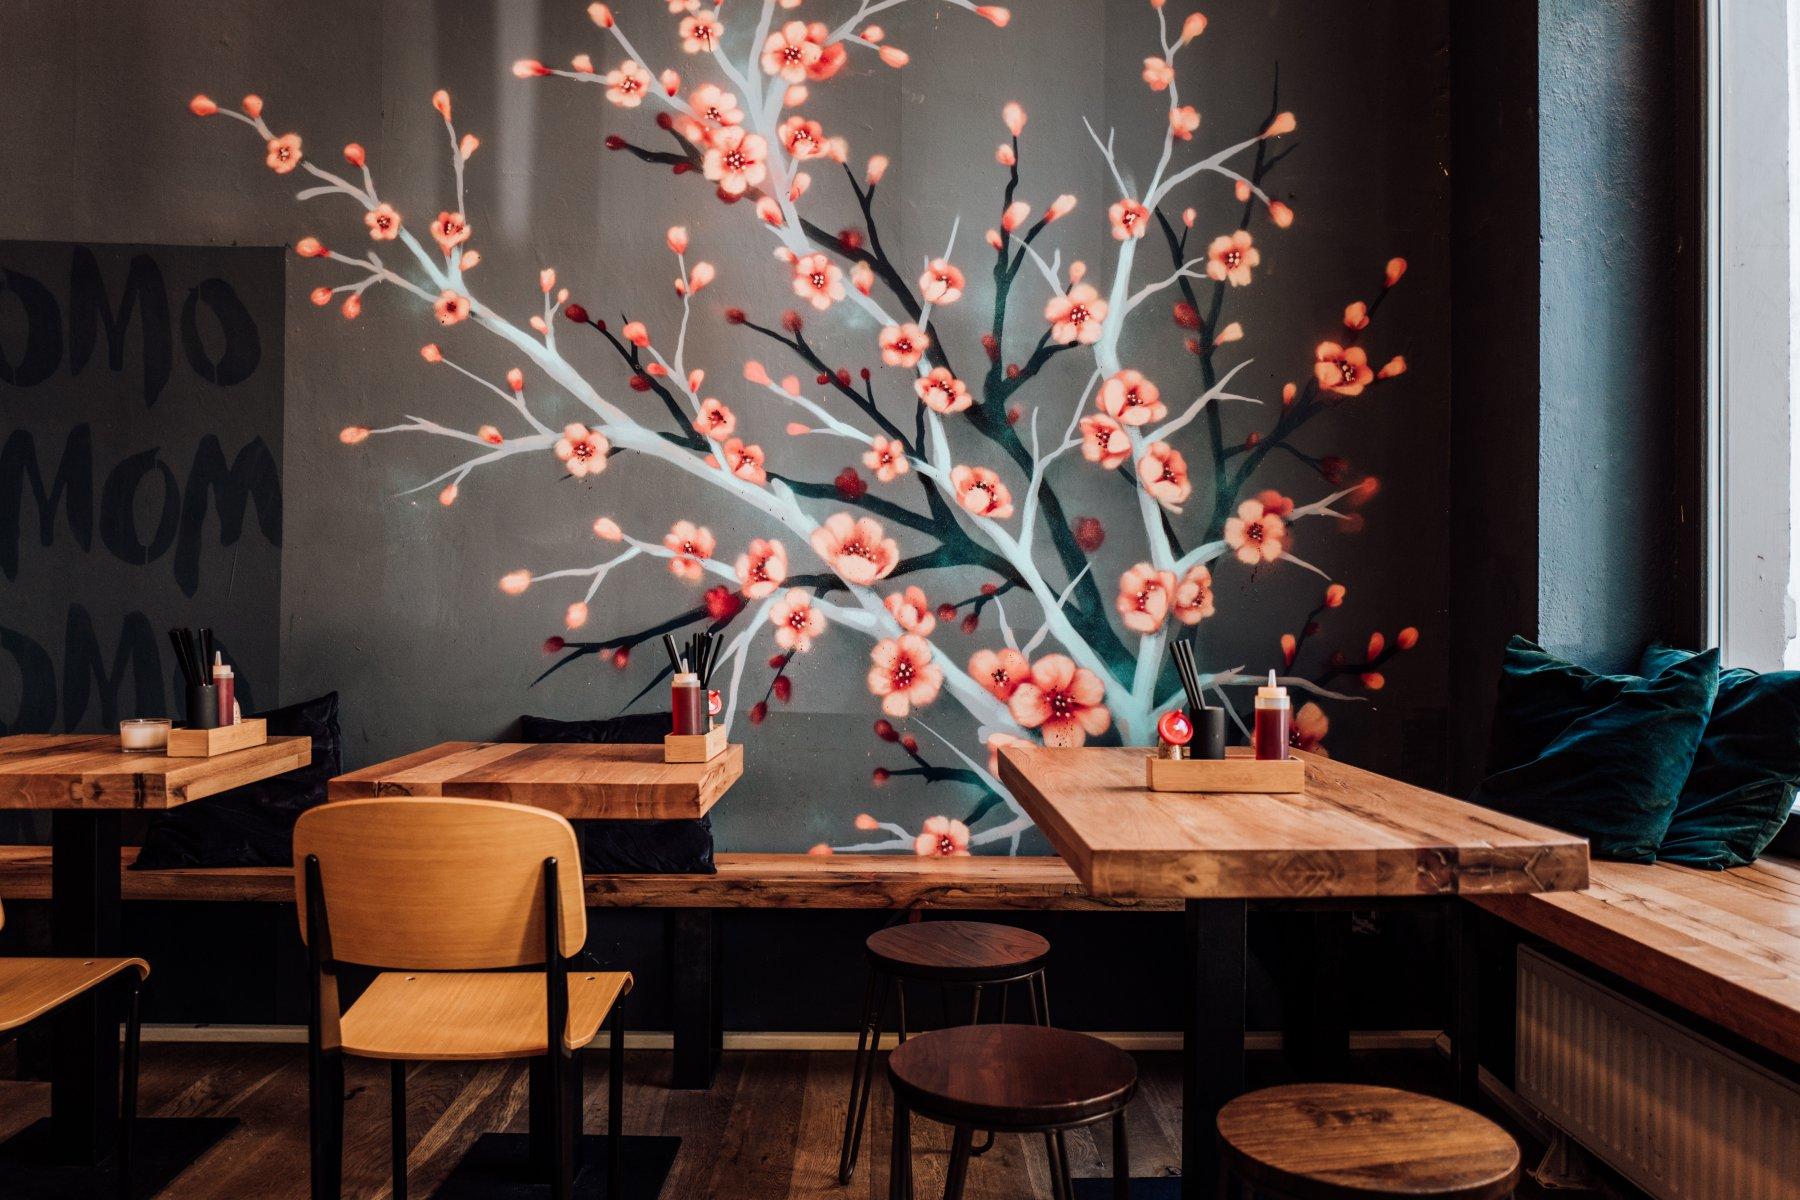 Geheimtipp Hamburg Sternschanze Restaurant MOMO Ramen Lisa Knauer 11